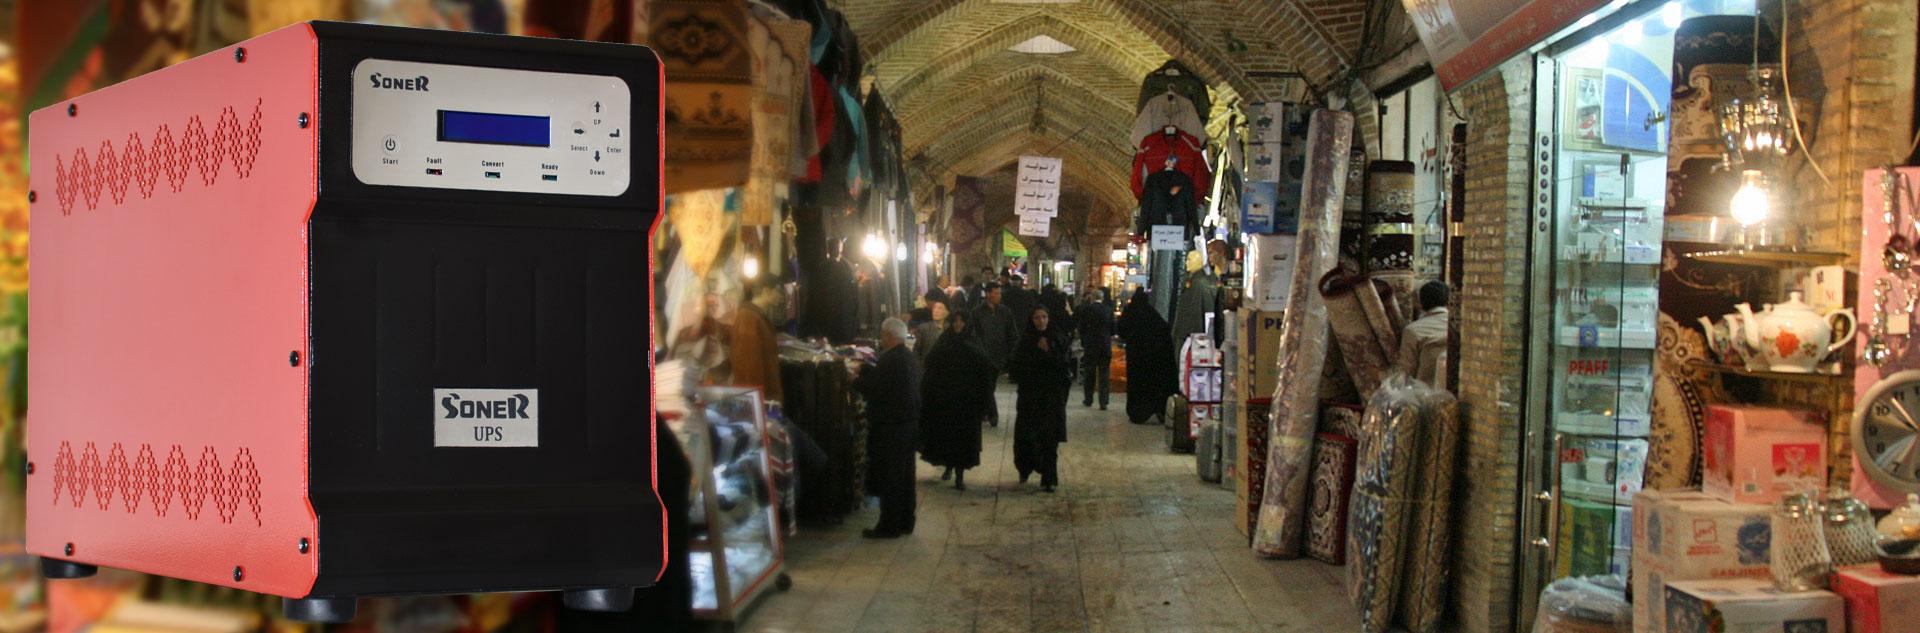 فروش دستگاه یو پی اس ایرانی سونر در زنجان